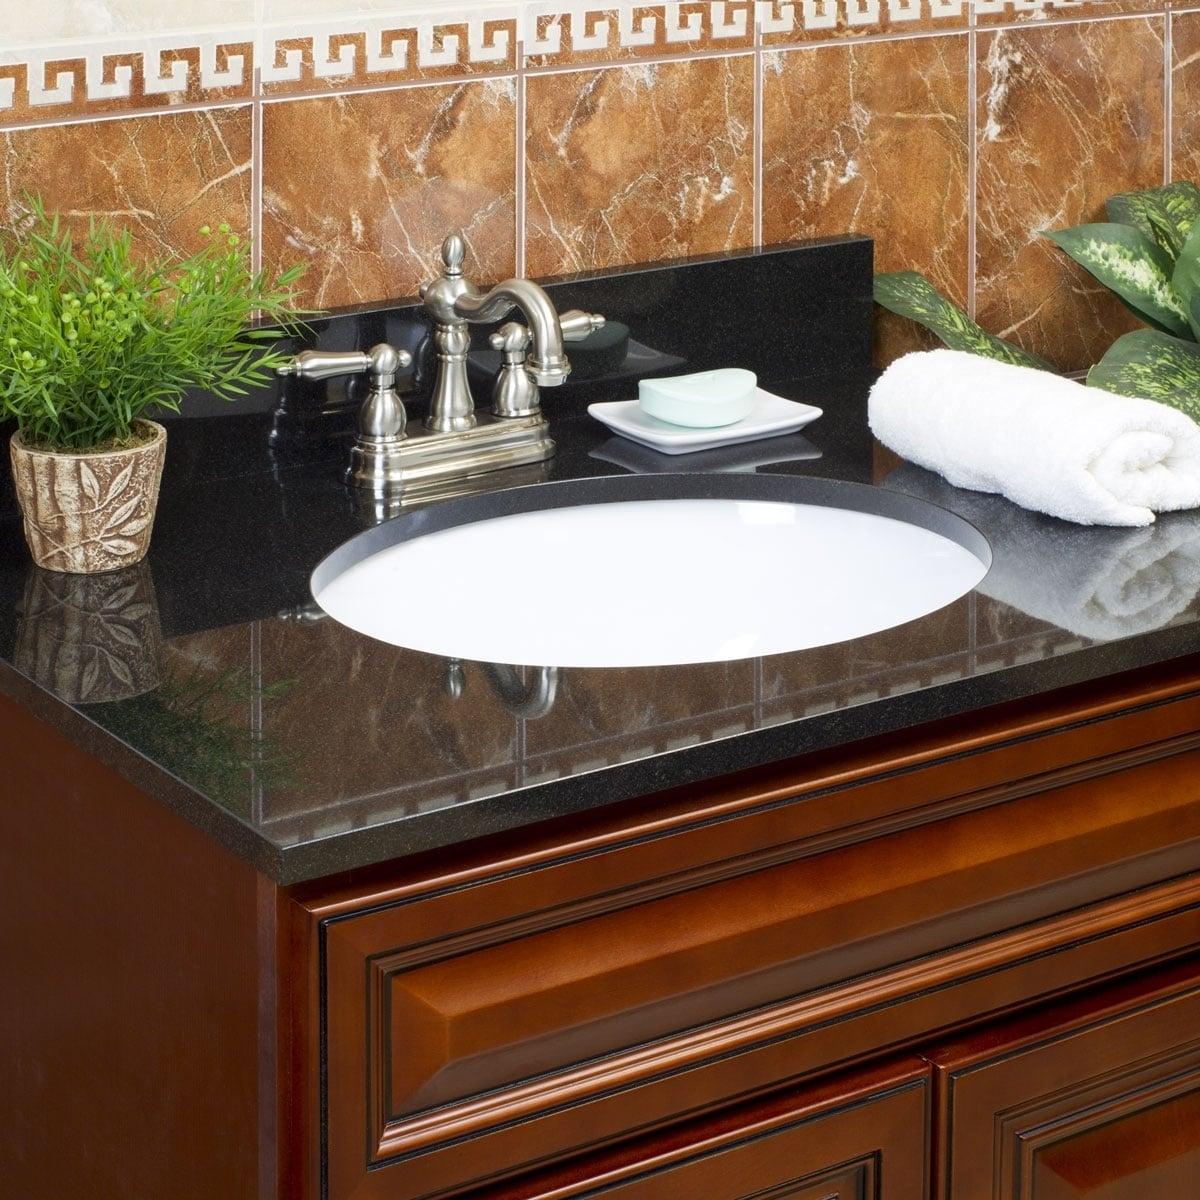 Vanity Top Granite Absolute Black 43x22 With Backsplash 4 In Spread Overstock 22536600